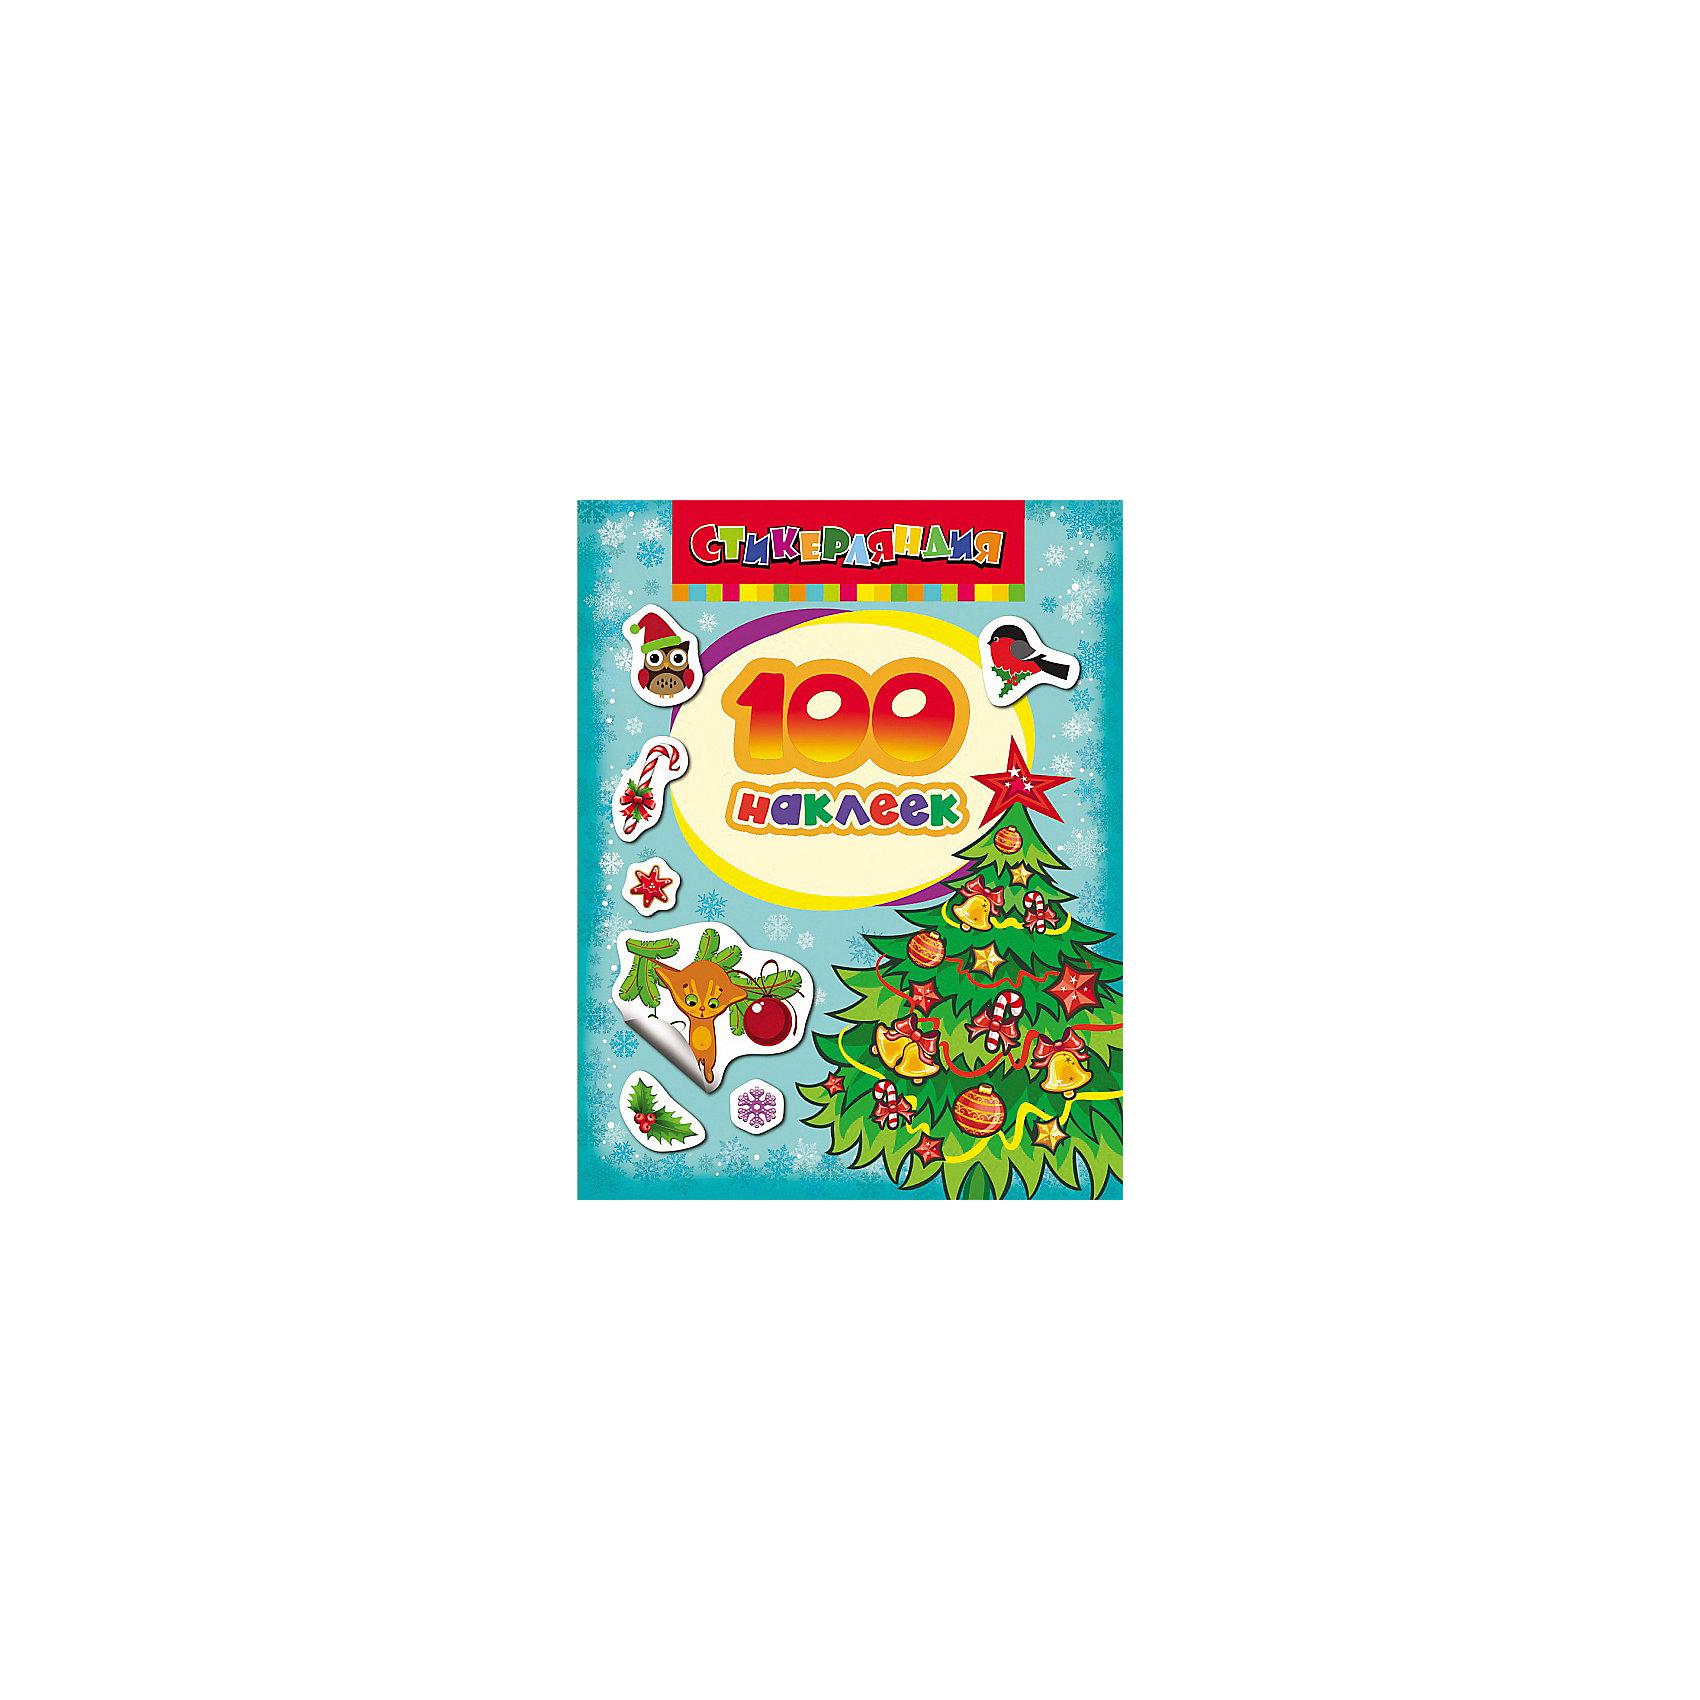 Альбом 100 наклеек ЁлочкаКрасочные новогодние наклейки для девчонок и мальчишек. Украшай стикерами альбомы, тетради, блокноты, открытки или комнату. Сделай свою жизнь ярче!<br><br>Дополнительная информация:<br><br>- Материал: бумага.<br>- 100 наклеек.<br>- Размер упаковки: 20х15 см. <br><br>100 наклеек Ёлочка можно купить в нашем магазине.<br><br>Ширина мм: 200<br>Глубина мм: 150<br>Высота мм: 1<br>Вес г: 30<br>Возраст от месяцев: 36<br>Возраст до месяцев: 144<br>Пол: Унисекс<br>Возраст: Детский<br>SKU: 4323884